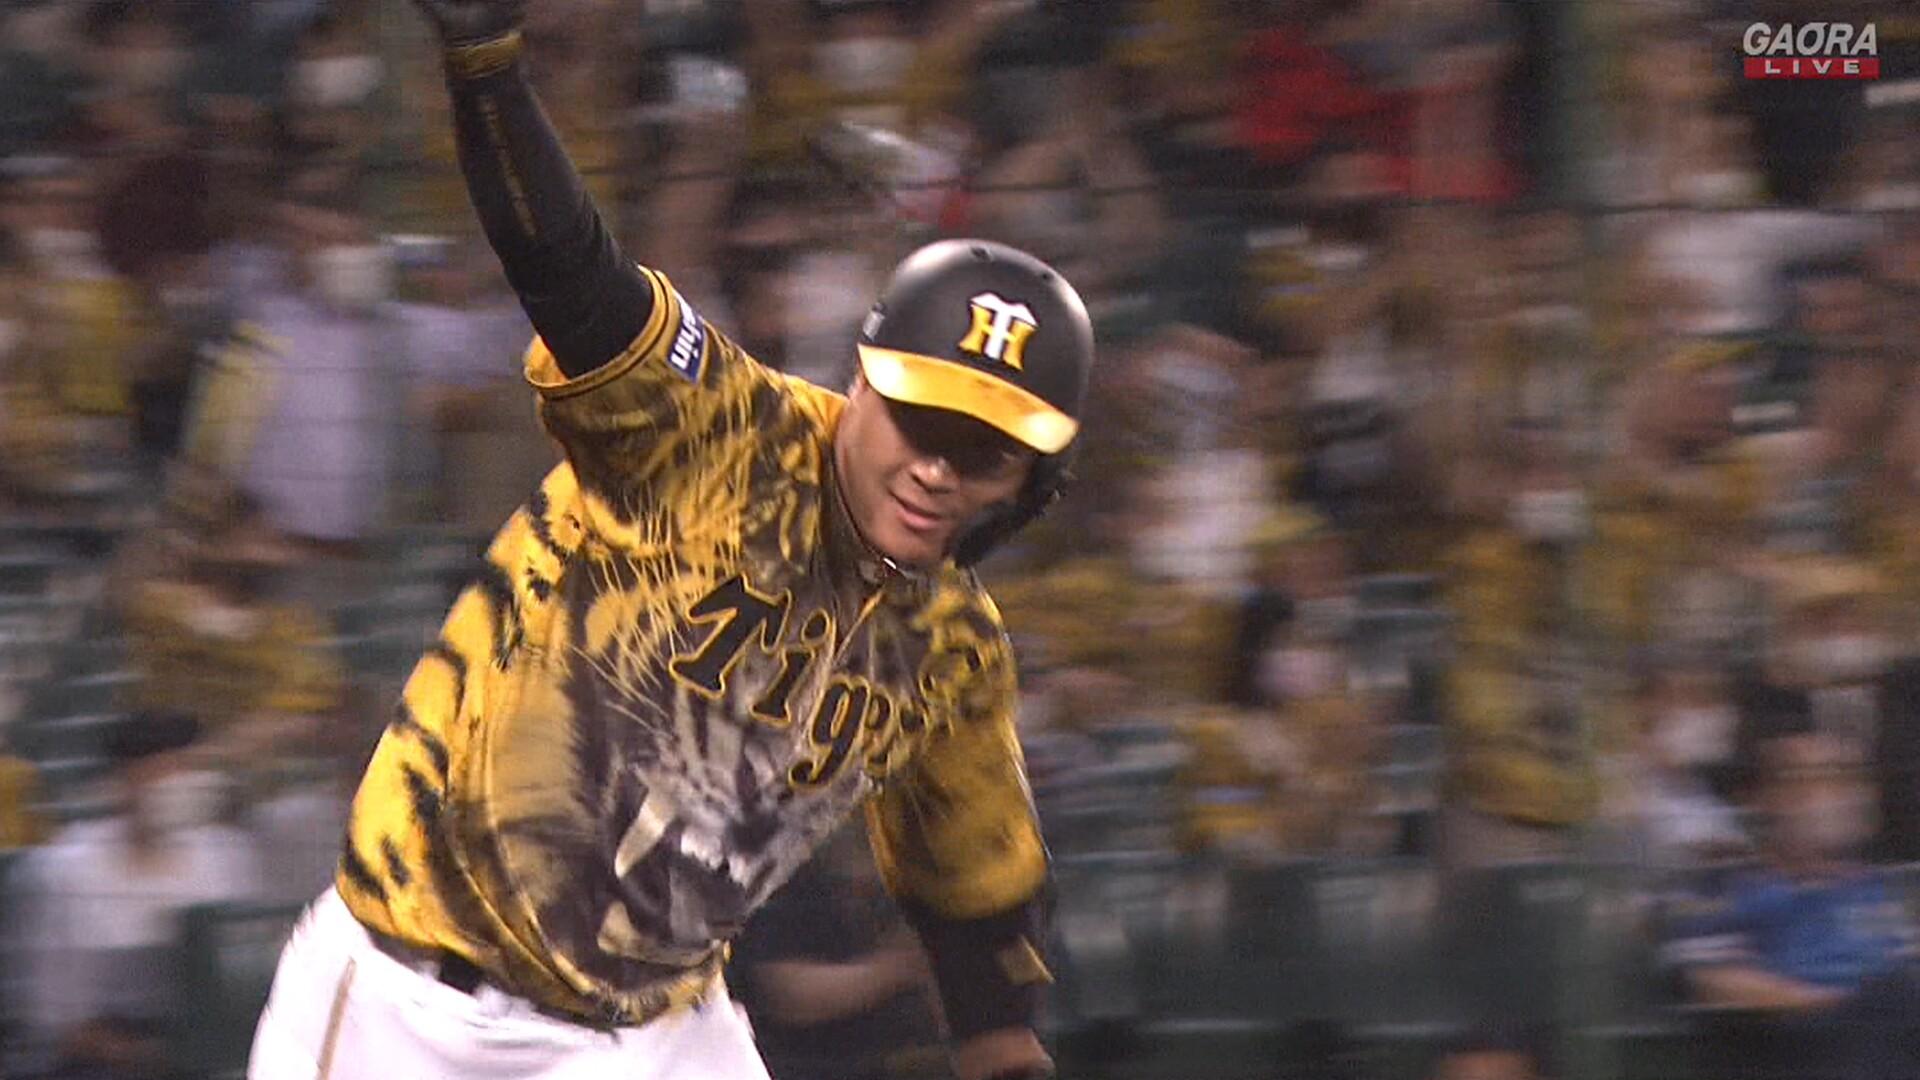 阪神、9回裏2アウトから5連打で逆転サヨナラ勝ちwwwww